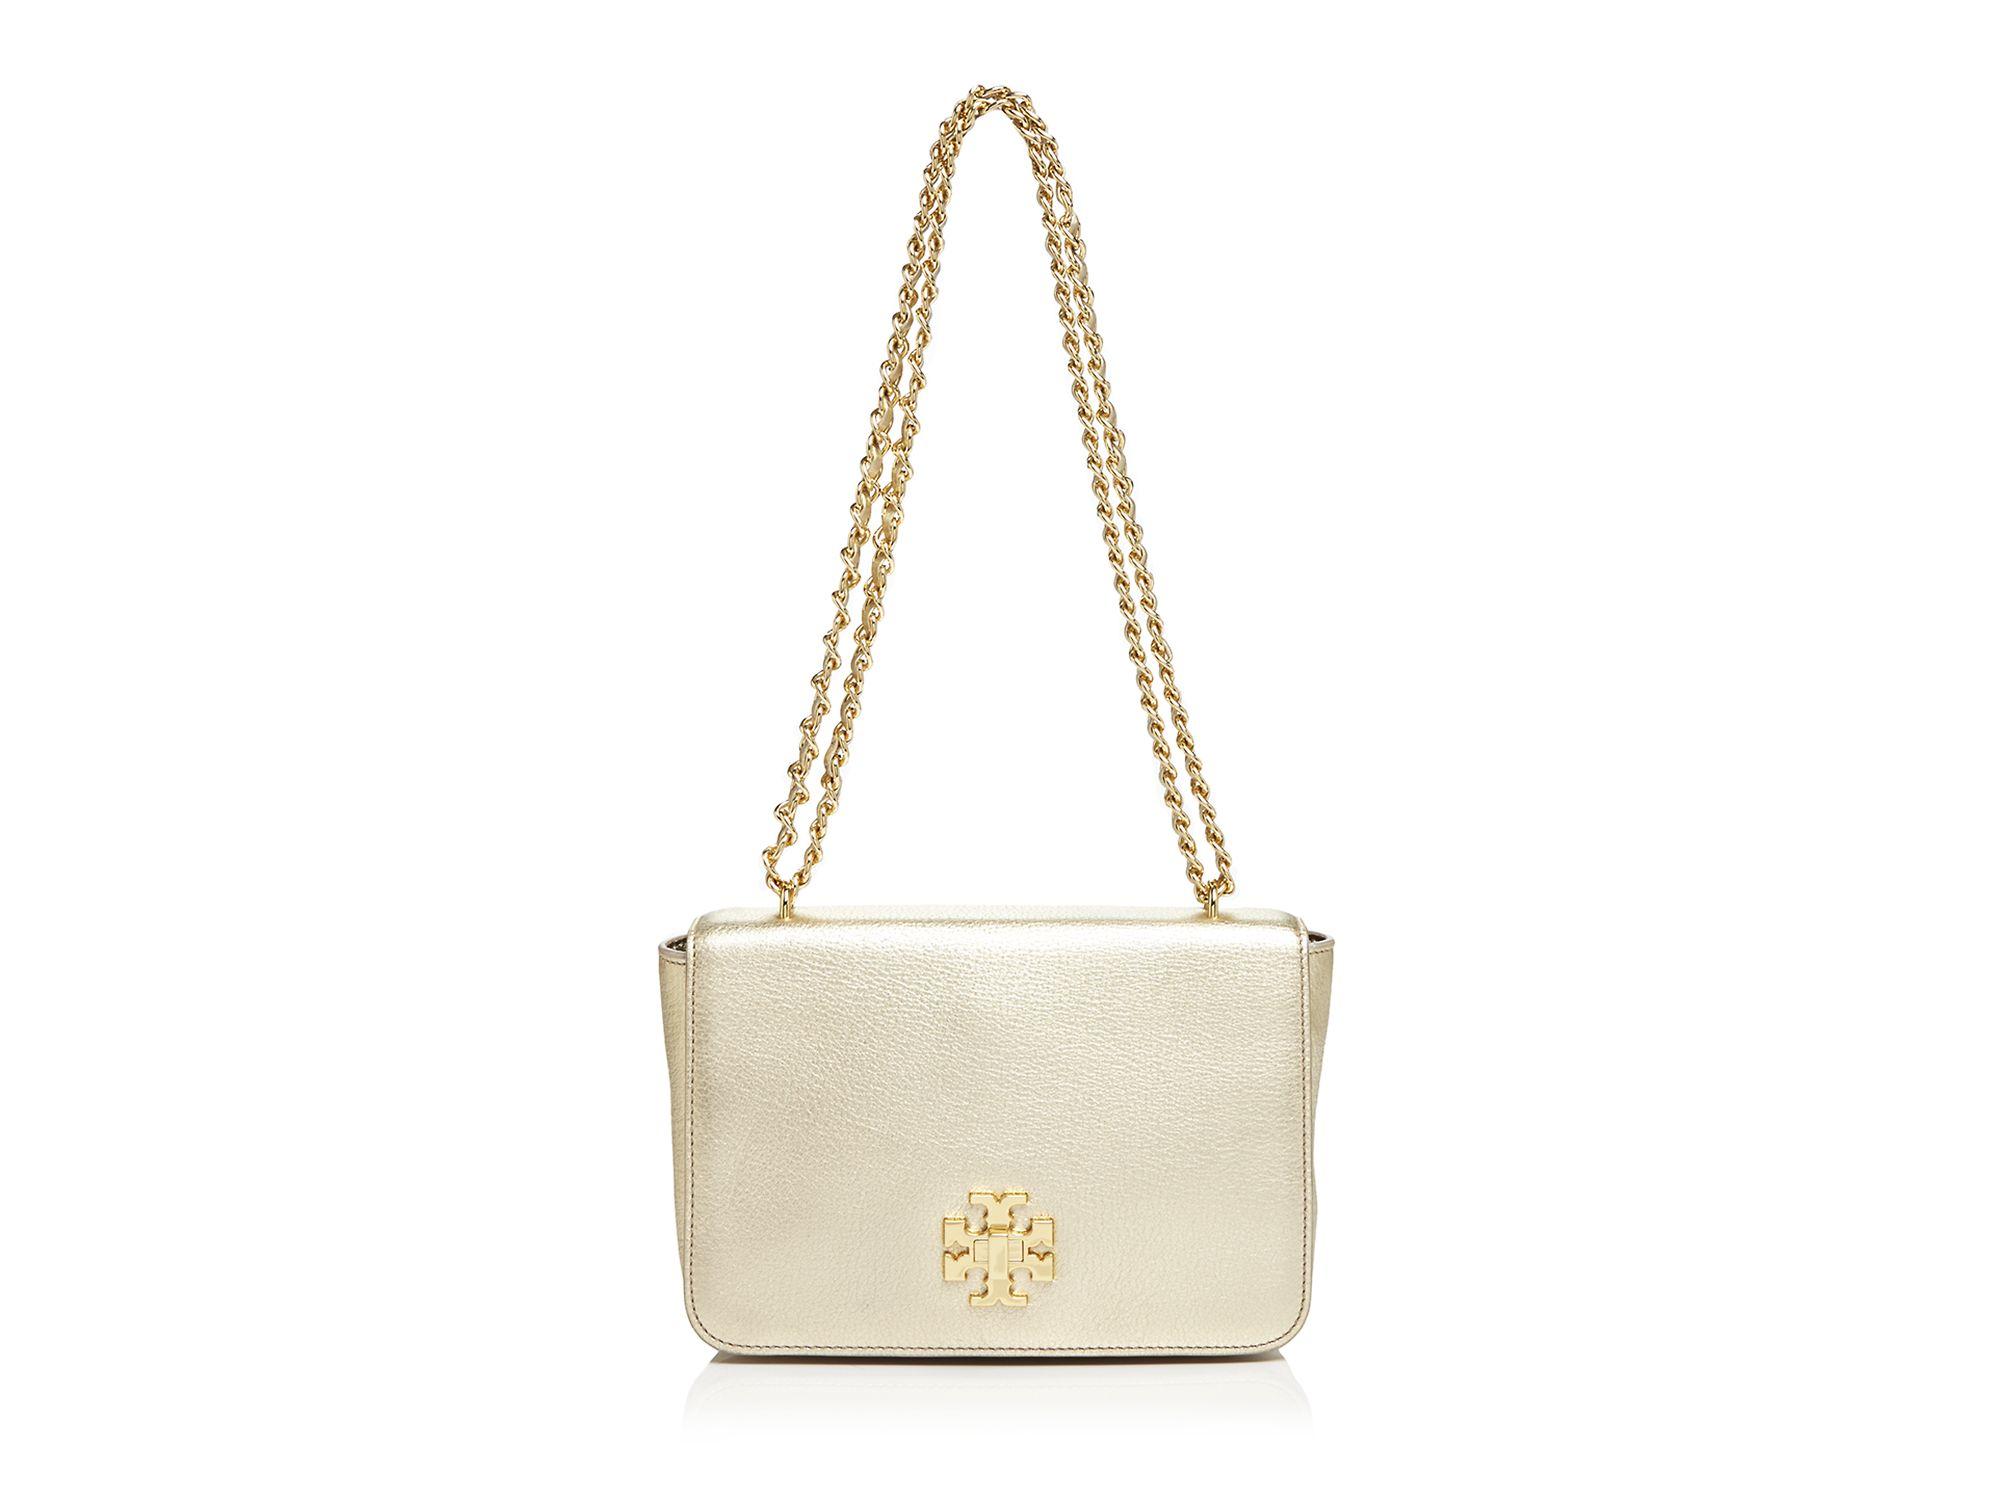 28d2827d415c Lyst - Tory Burch Shoulder Bag - Mercer Adjustable Metallic in Metallic